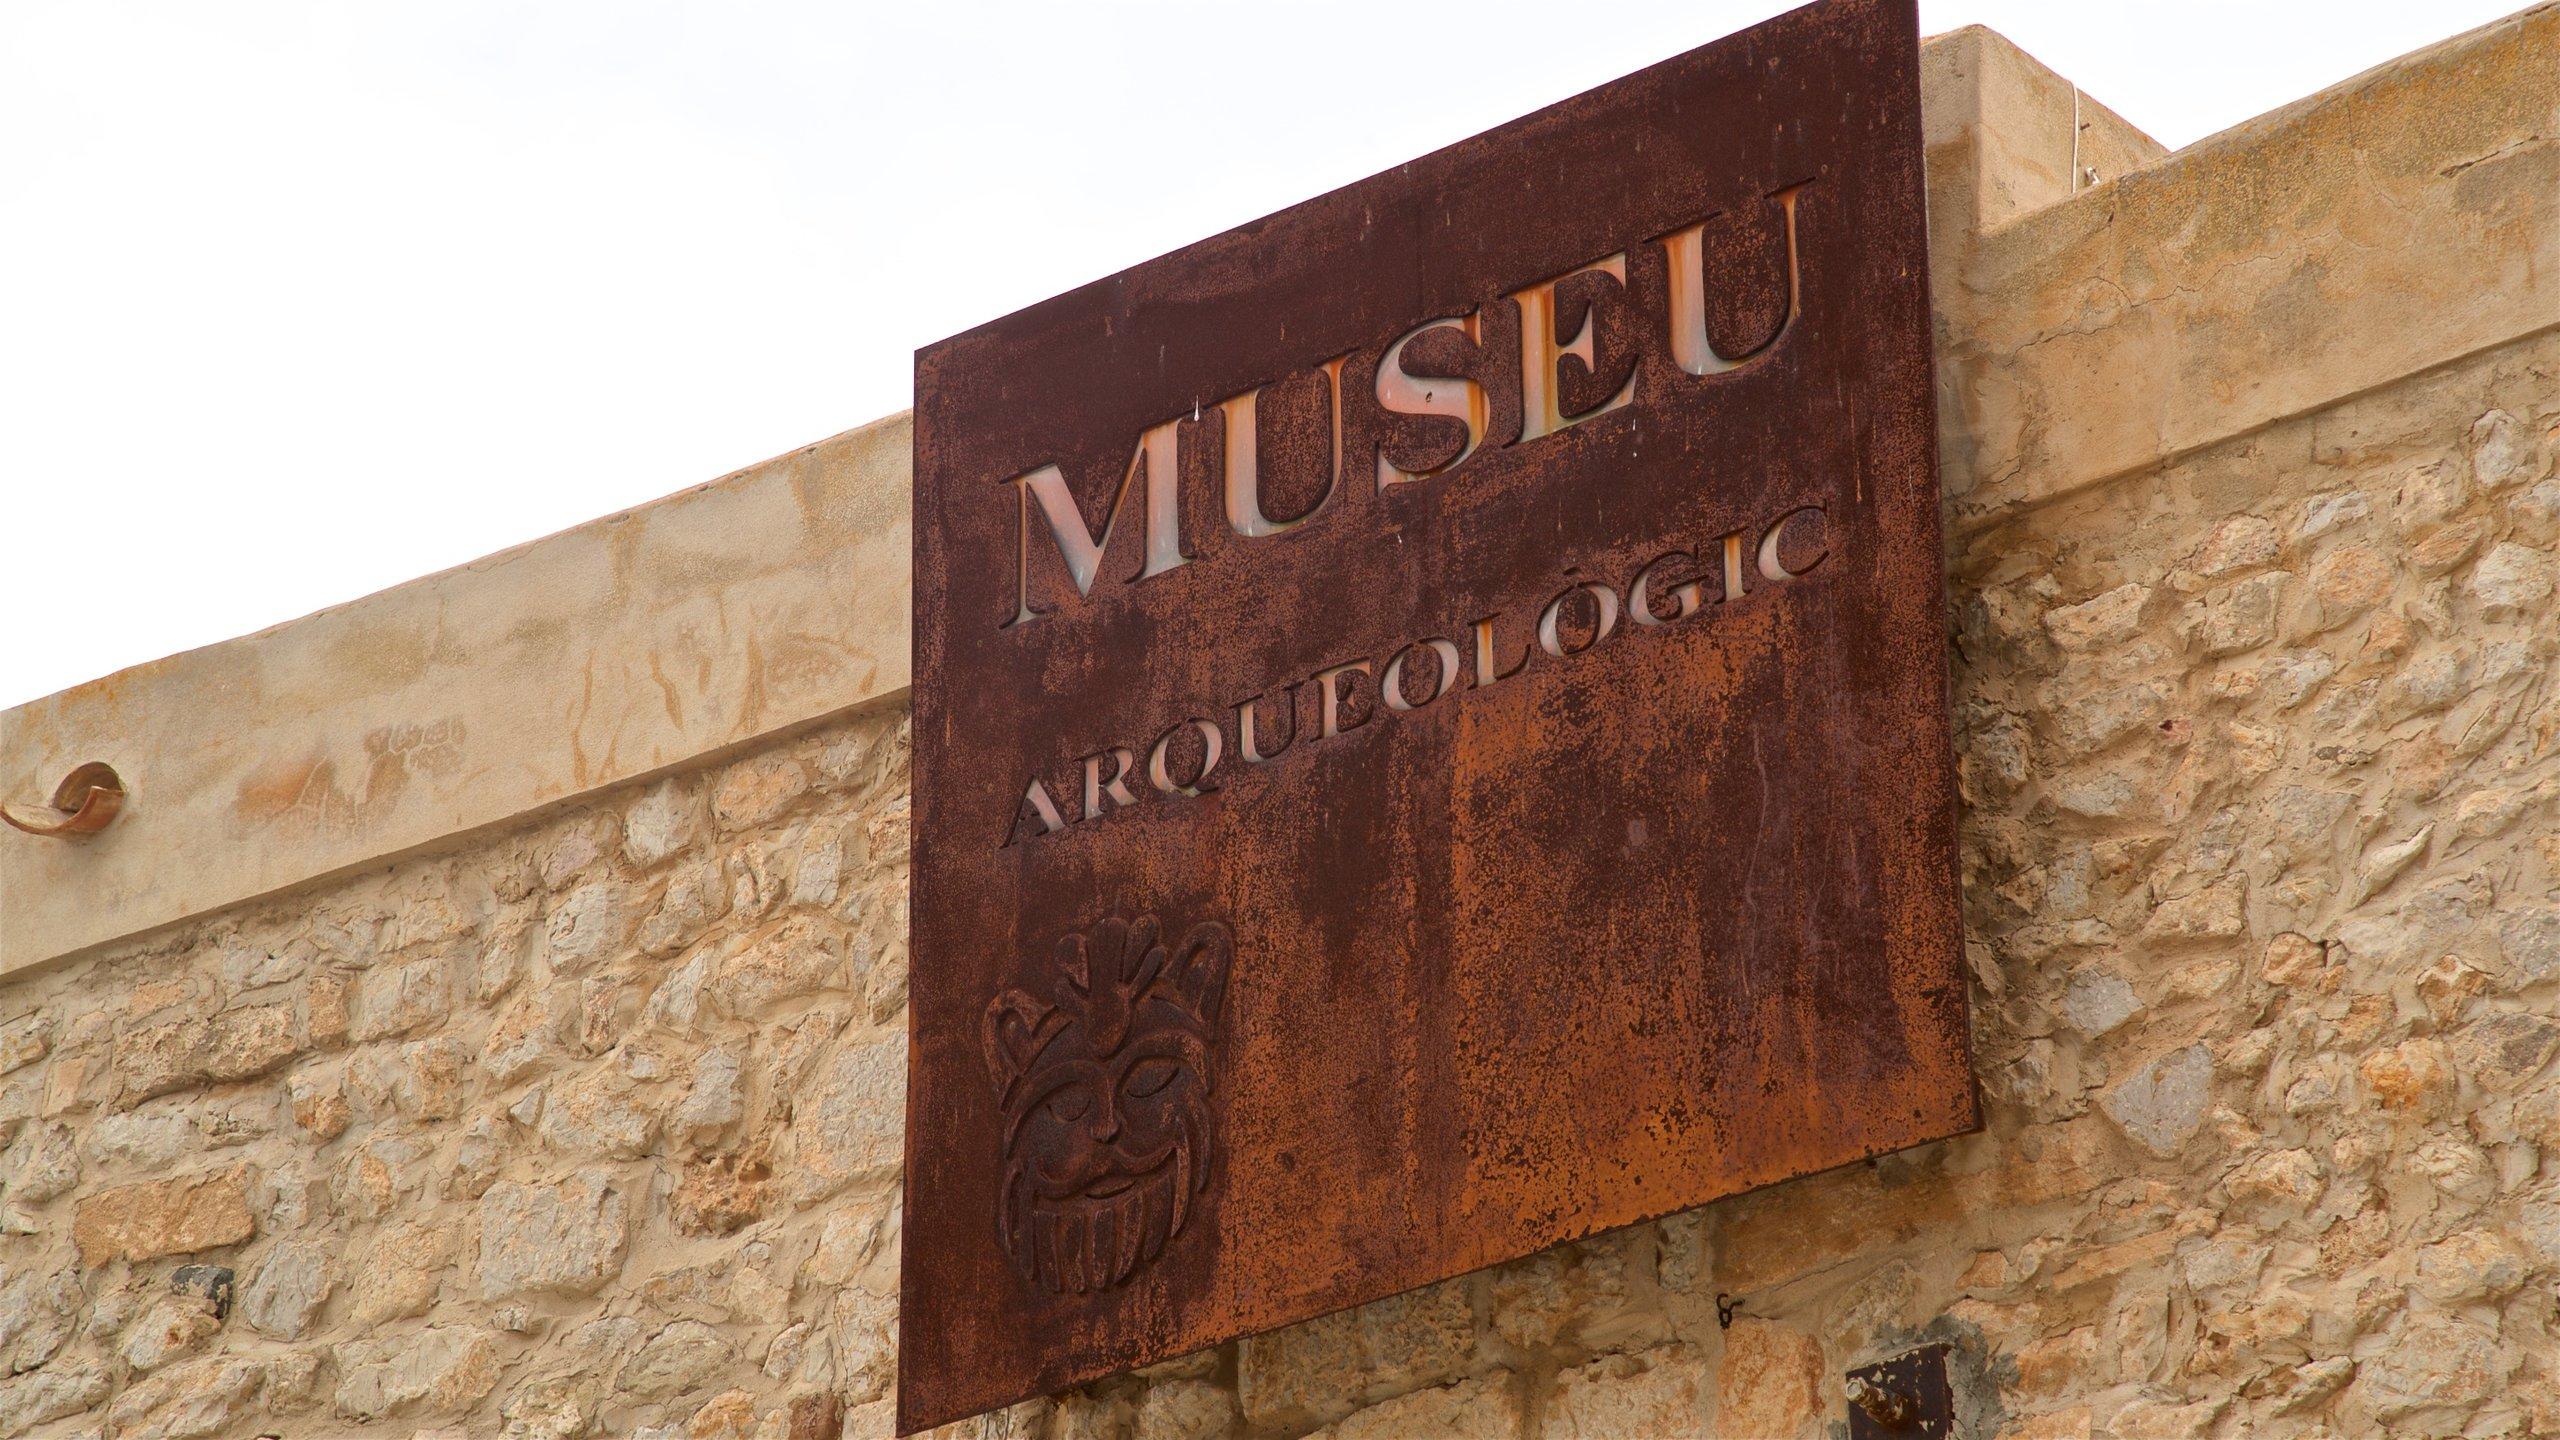 Archäologisches Museum von Ibiza, Ibiza-Stadt, Balearen, Spanien